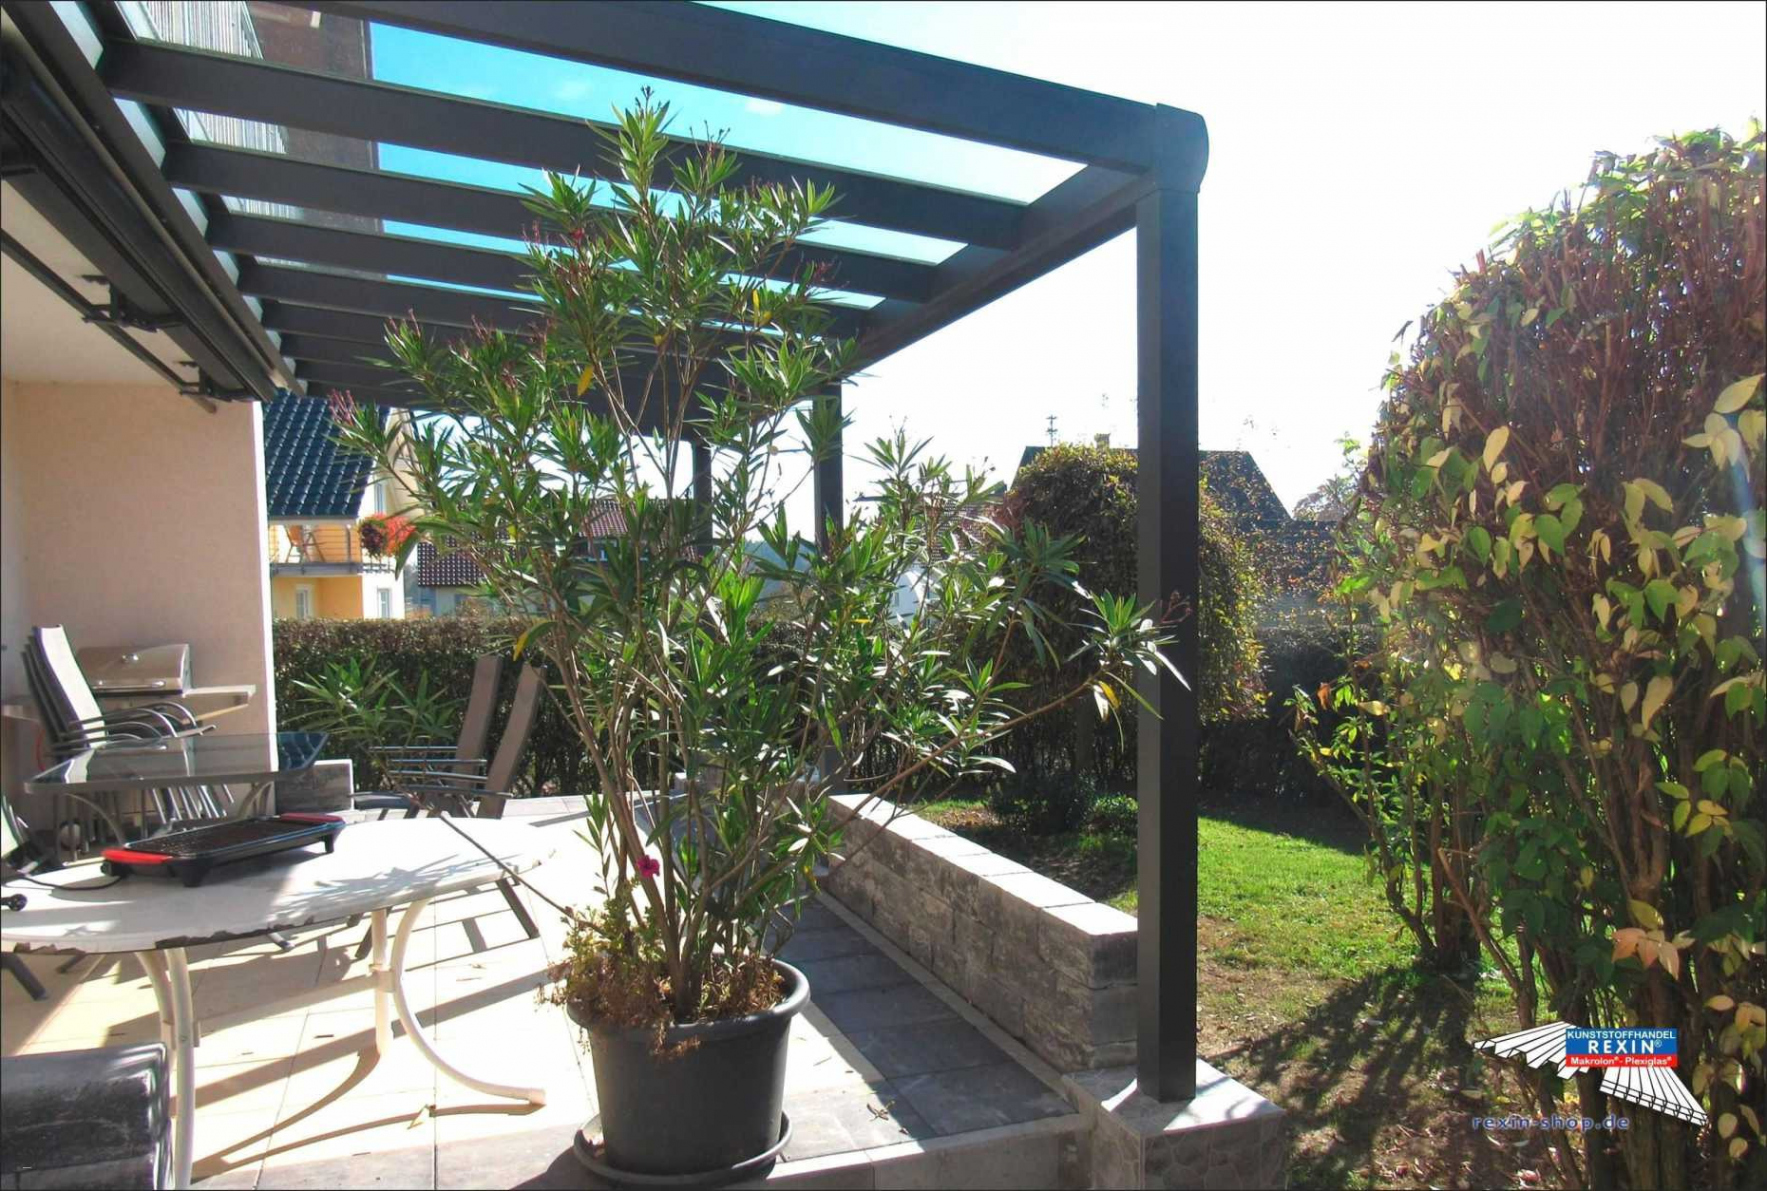 grillplatz garten ideen neu garten idee deko und garten elegant deko grillplatz garten ideen grillplatz garten ideen